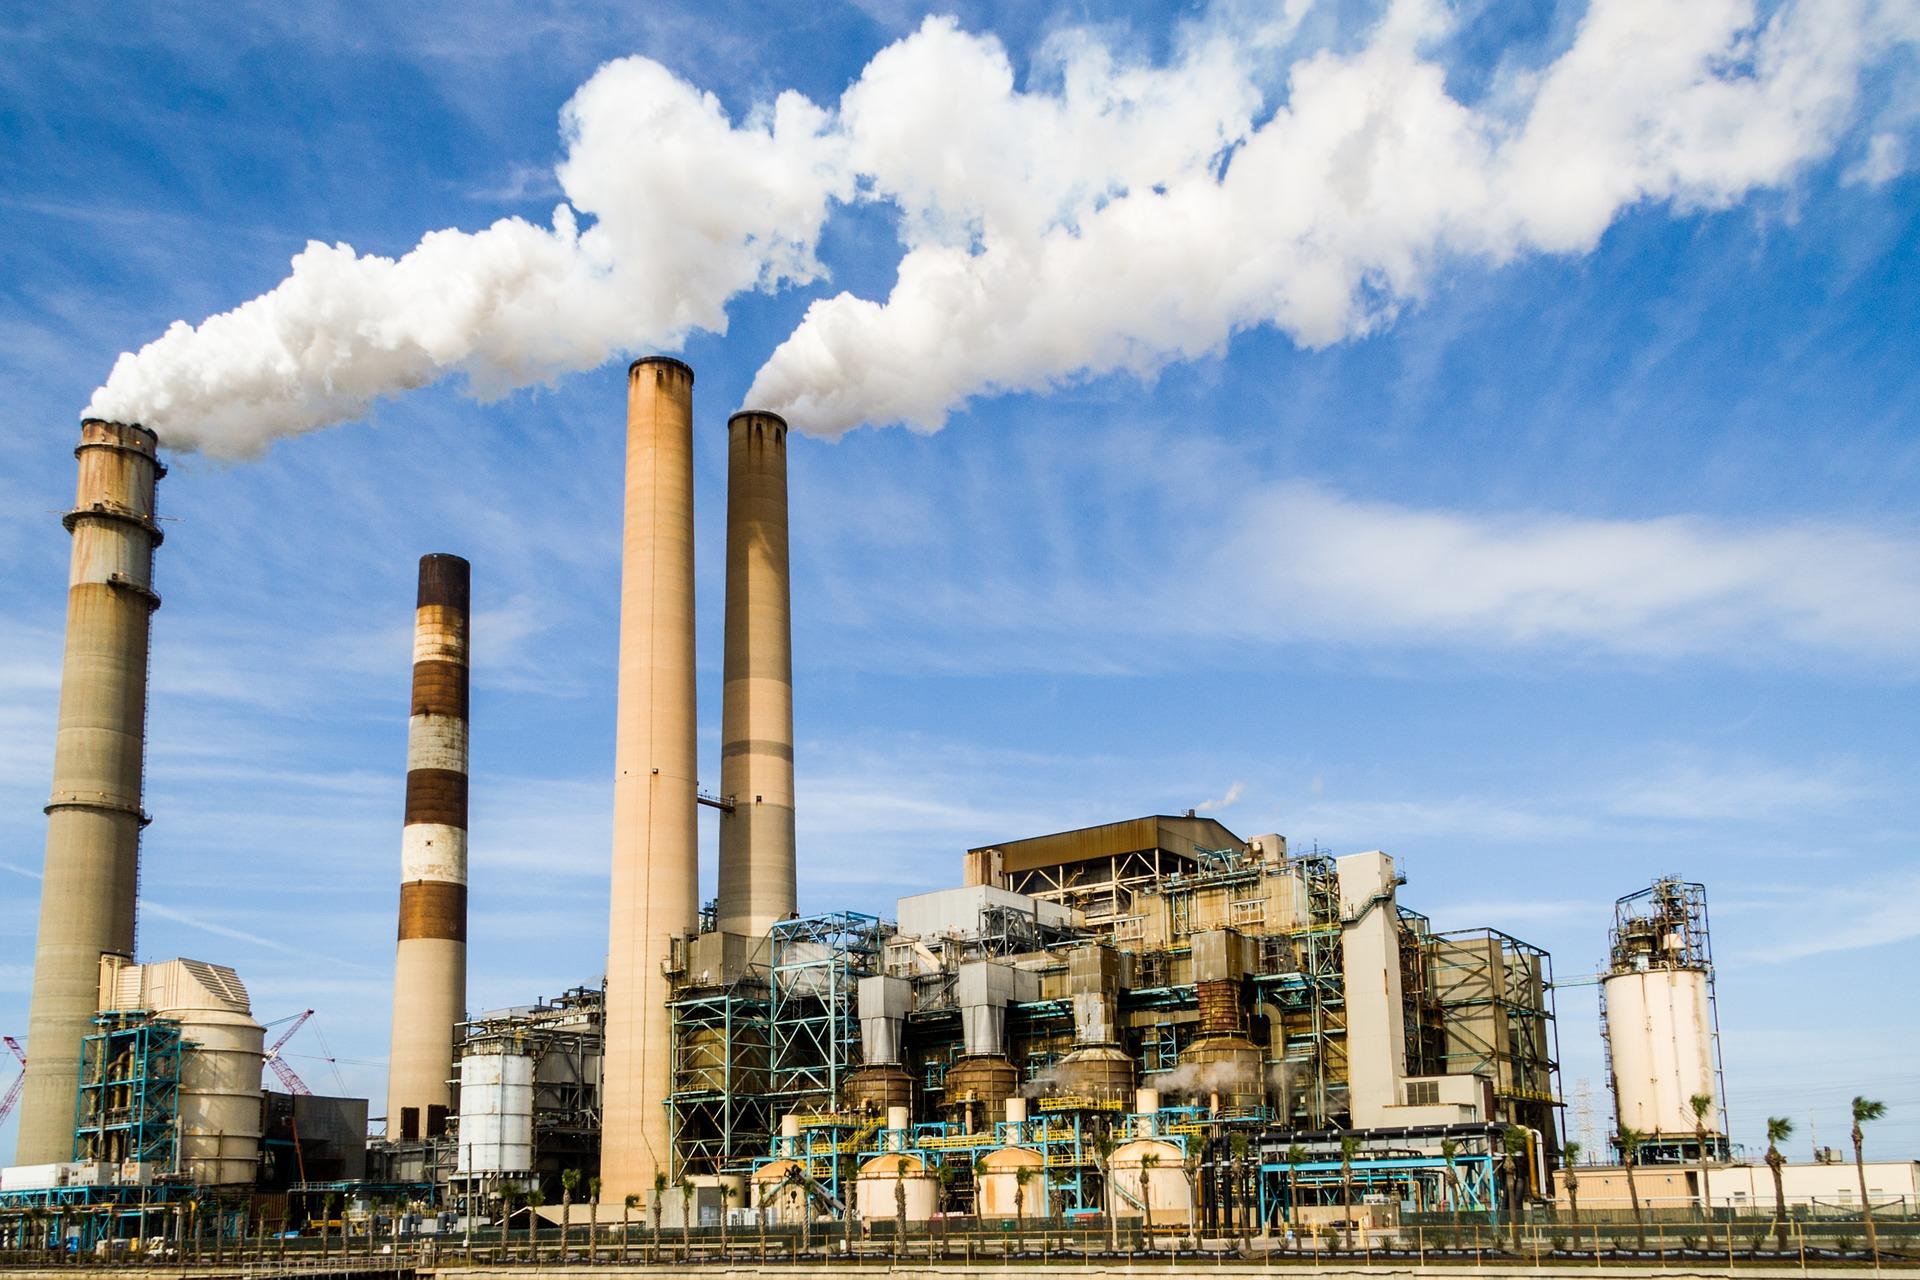 Промышленность негативно влияет на экологию